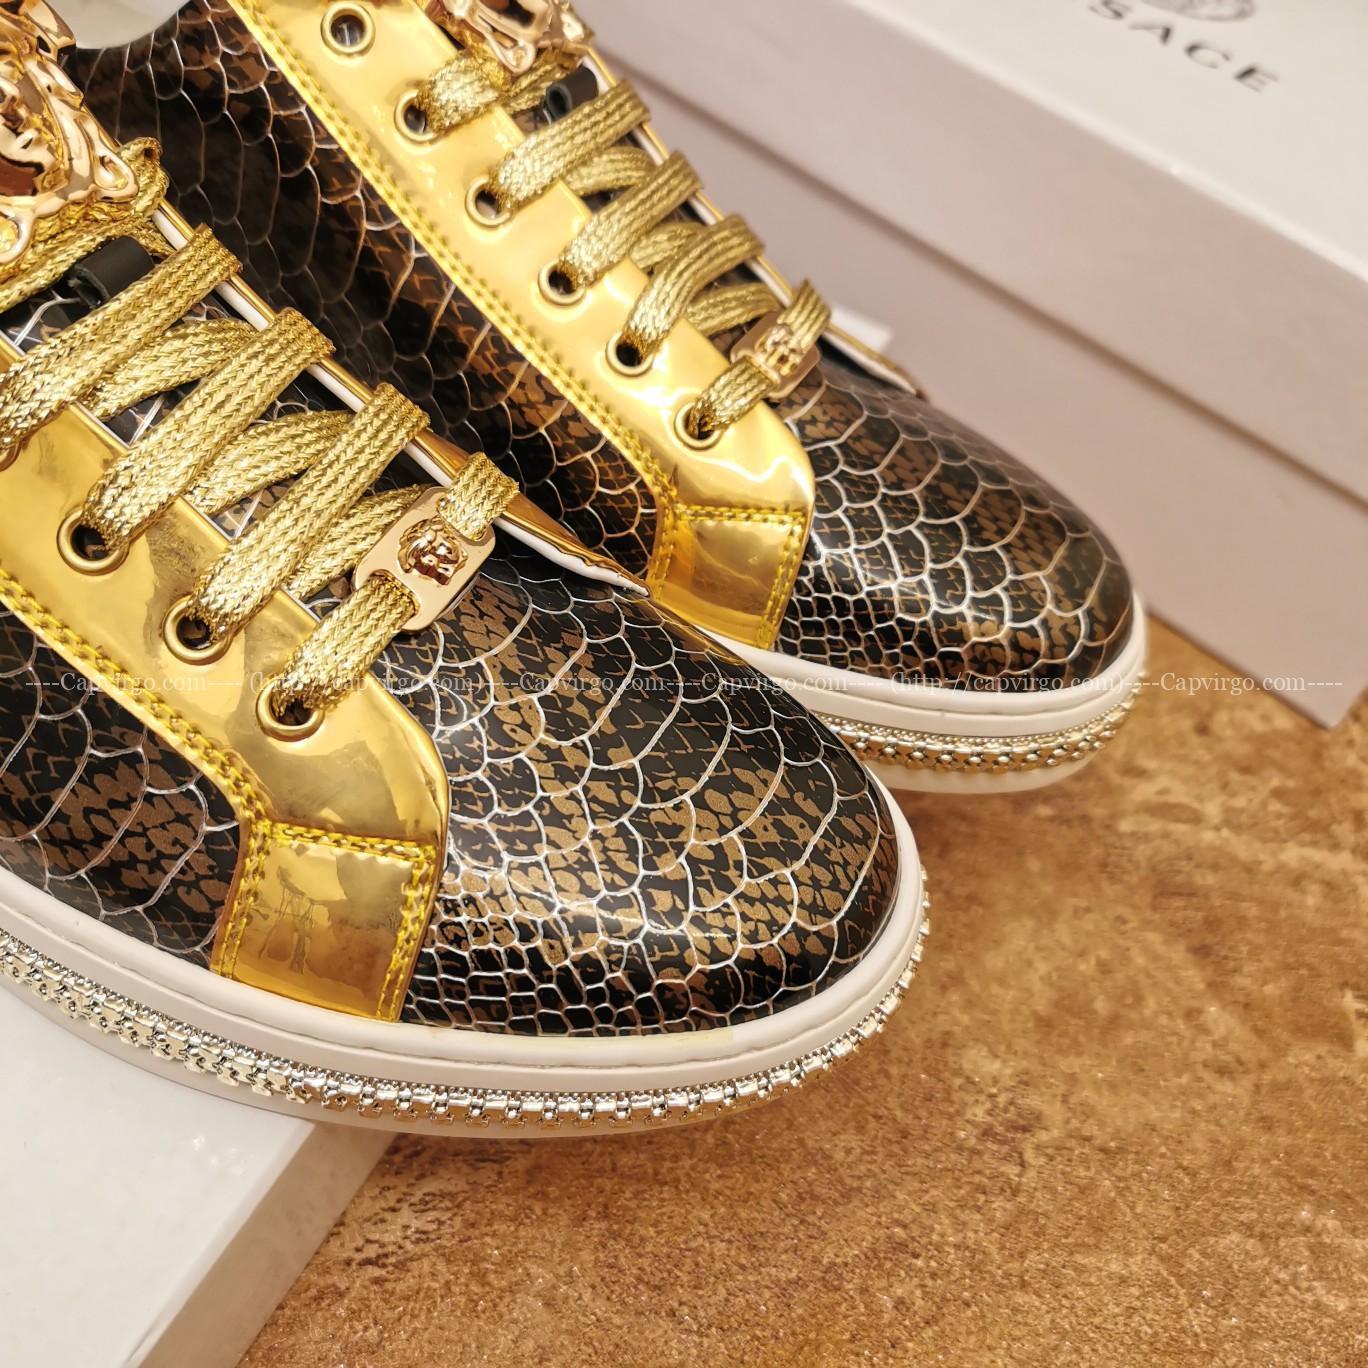 Giày nam Versace siêu cấp hoạt tiết da rắn màu vàng